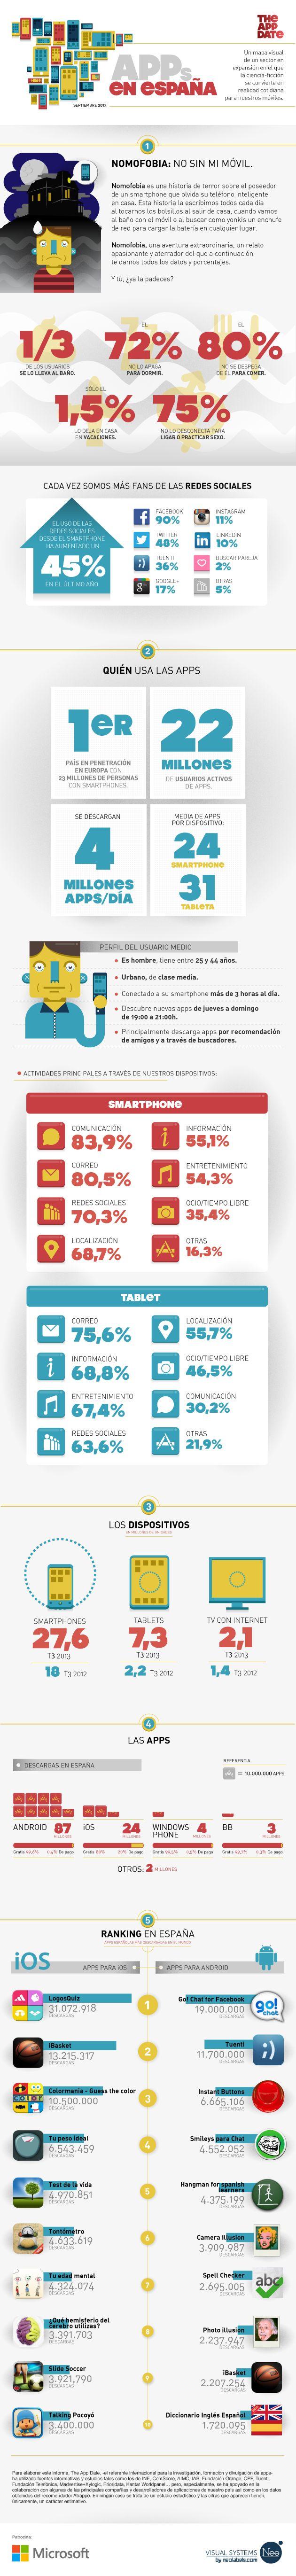 Informe apps en España septiembre 2013